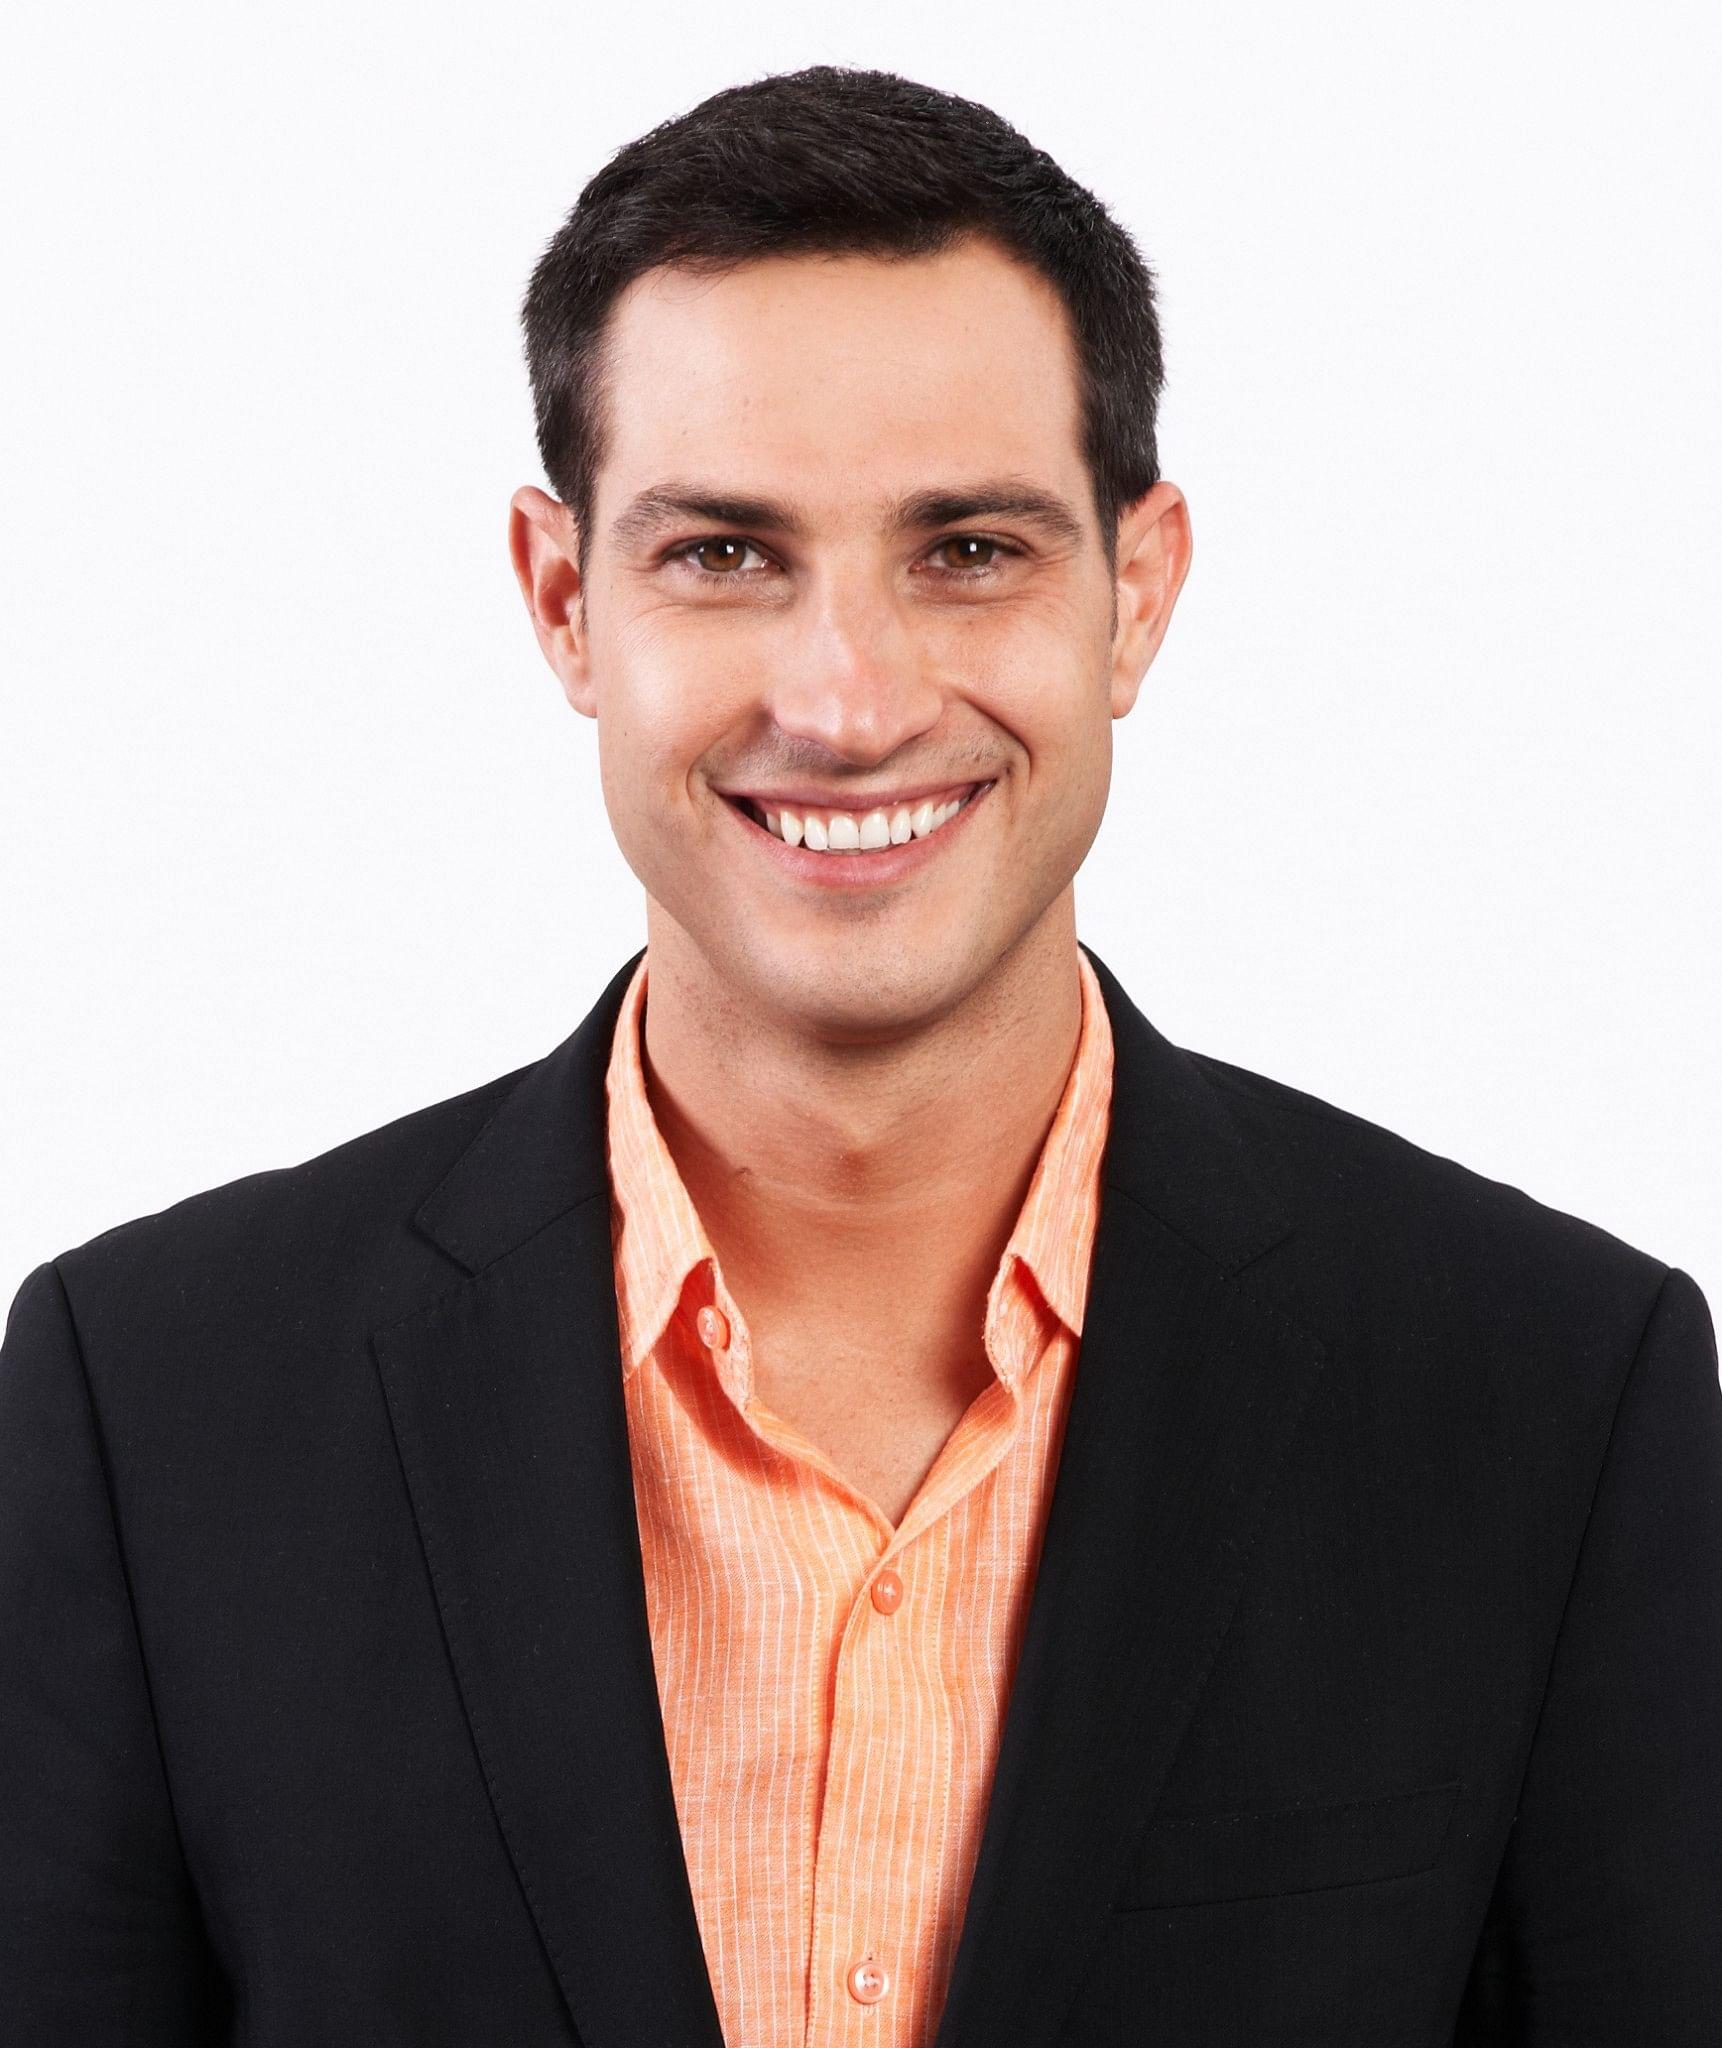 Chris Turillo